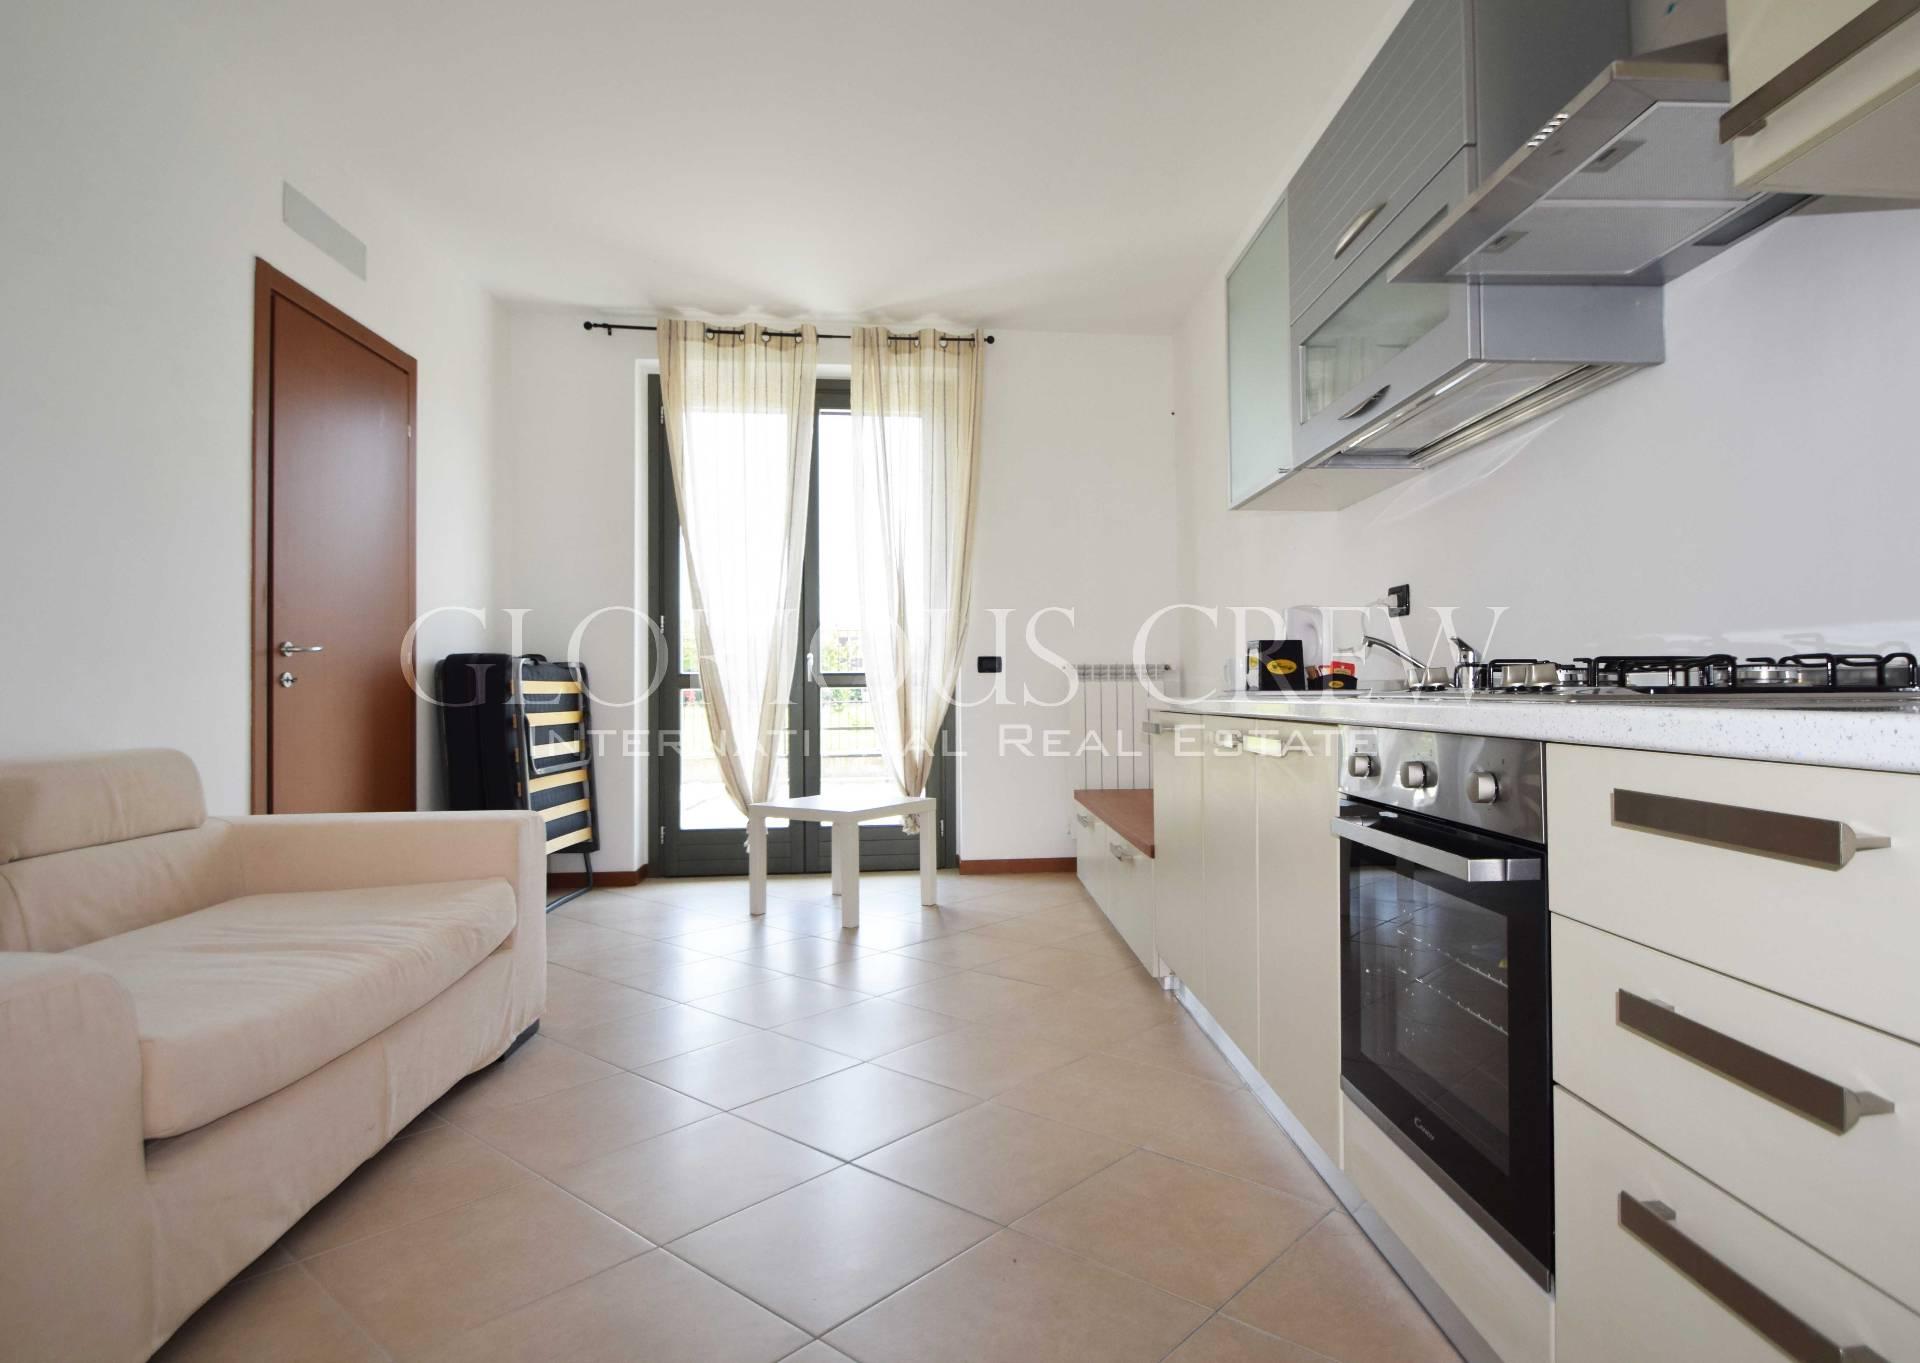 Appartamento in Vendita a Bubbiano: 2 locali, 61 mq